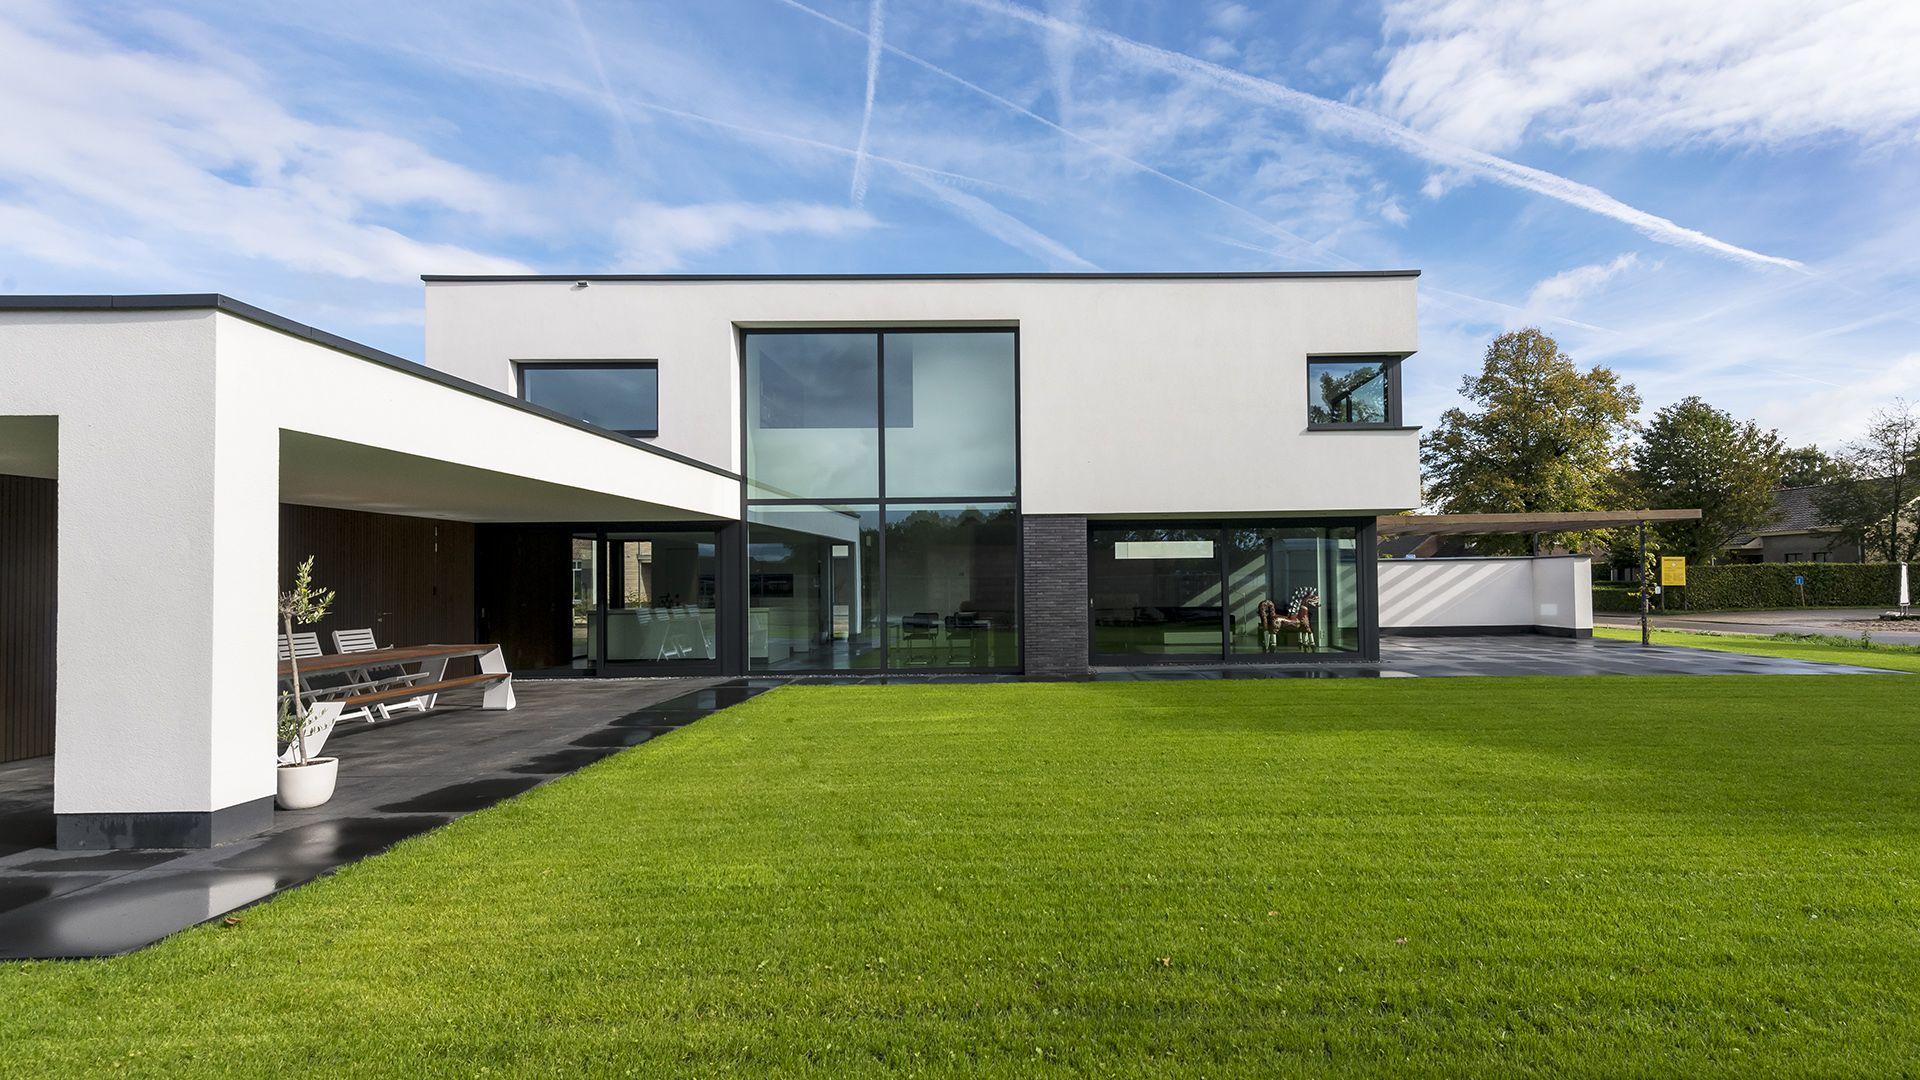 Woonhuis Breda   Architektur   Pinterest   Architektur, Moderne ...